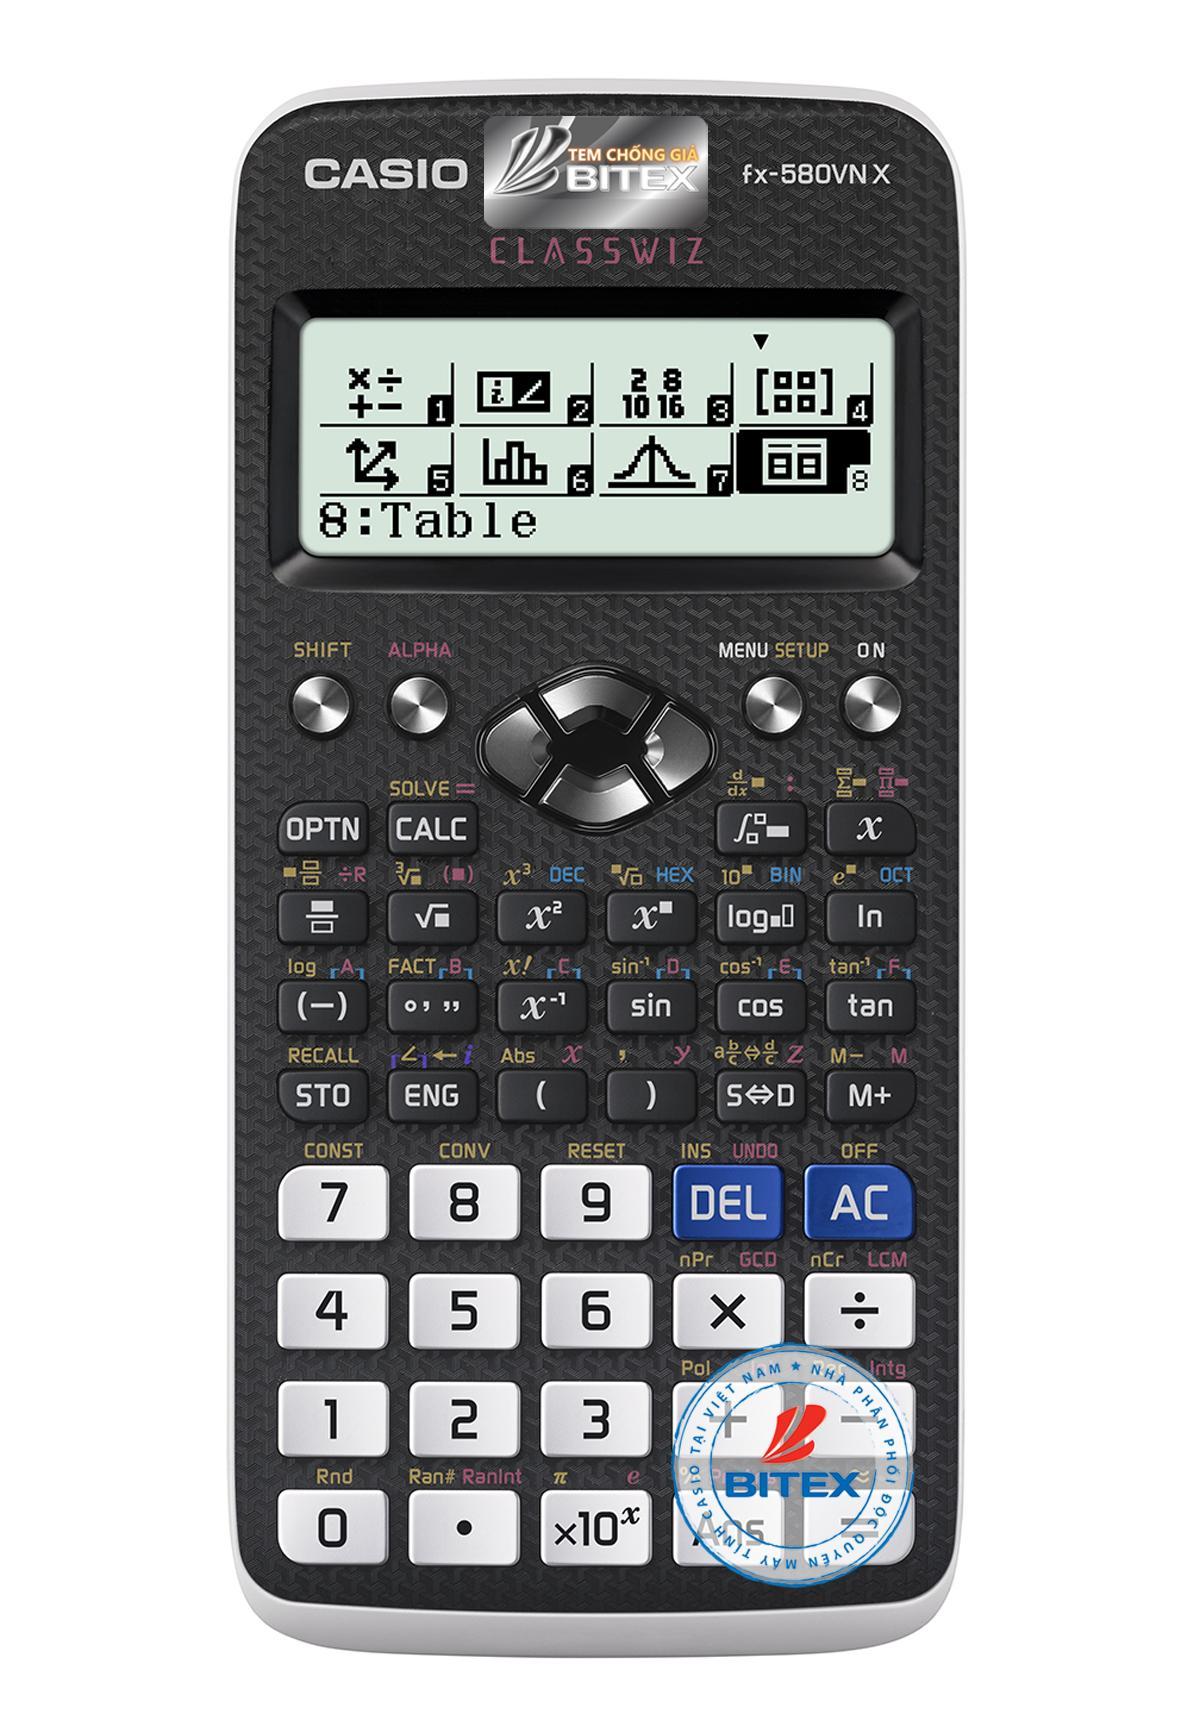 Mua Máy tính Casio FX-580VN X  - Bảo hành 2 năm - N/k Bitex